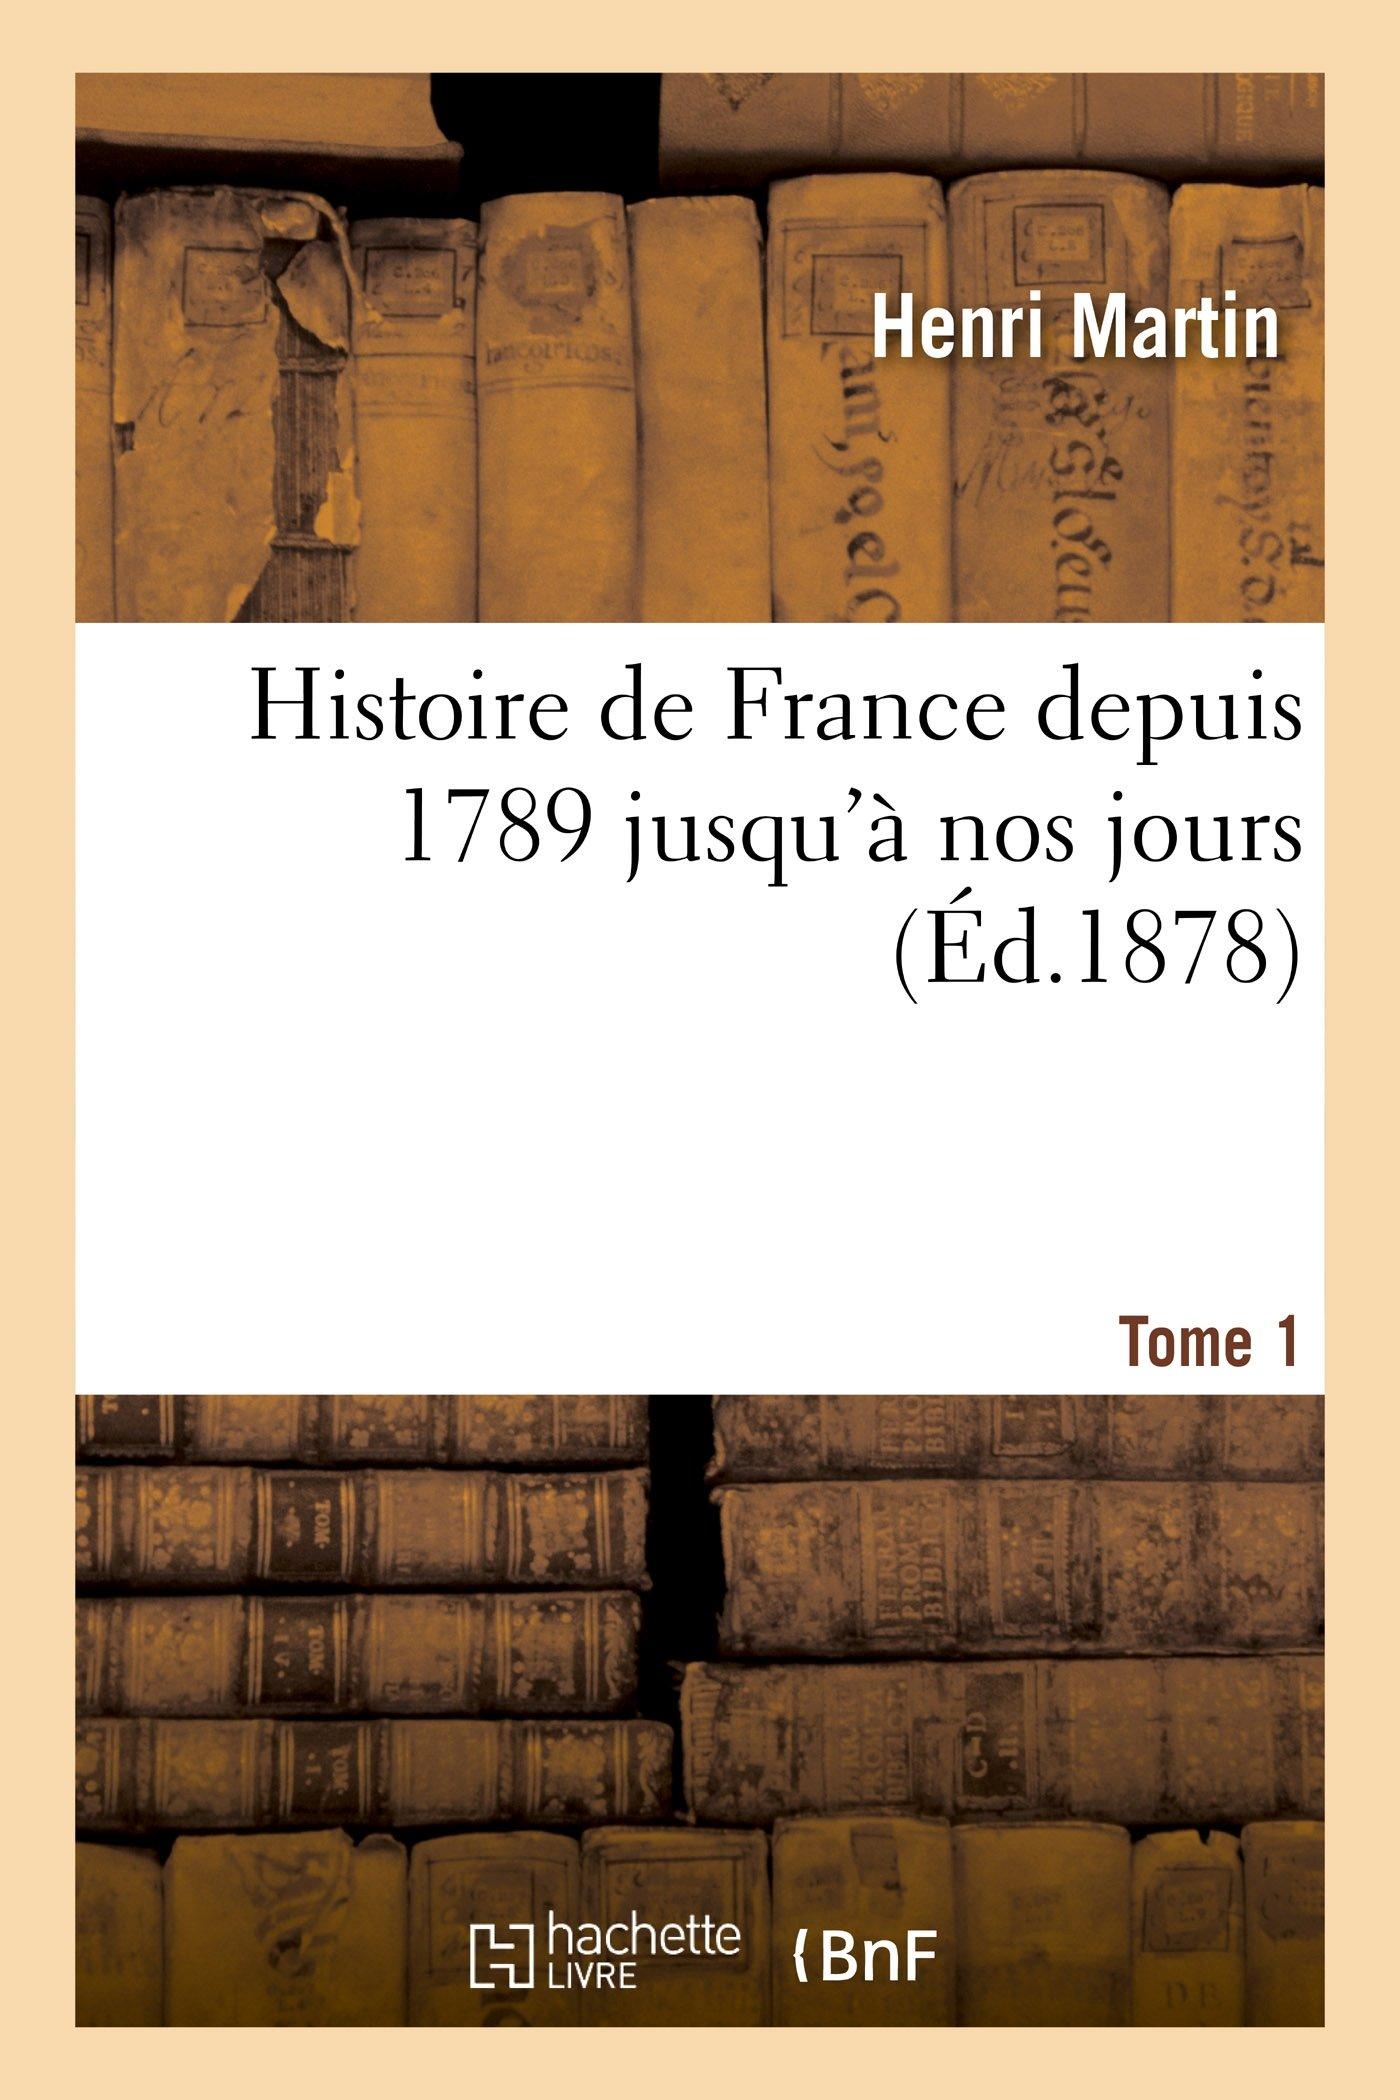 Histoire de France depuis 1789 jusqu'à nos jours. Tome 1 (French Edition) pdf epub